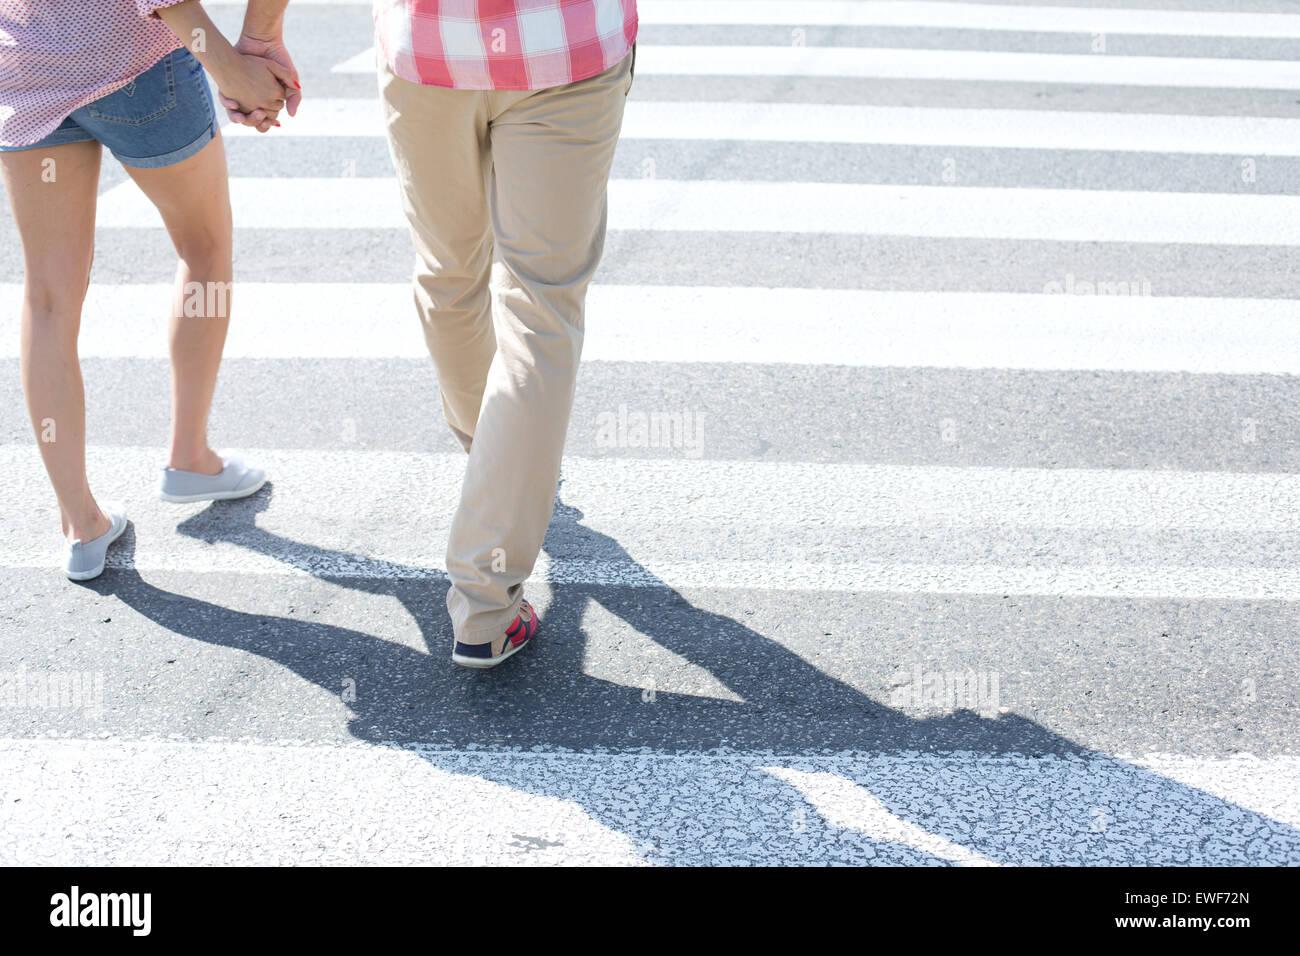 Bajo la sección de pareja caminando en el cruce peatonal Imagen De Stock